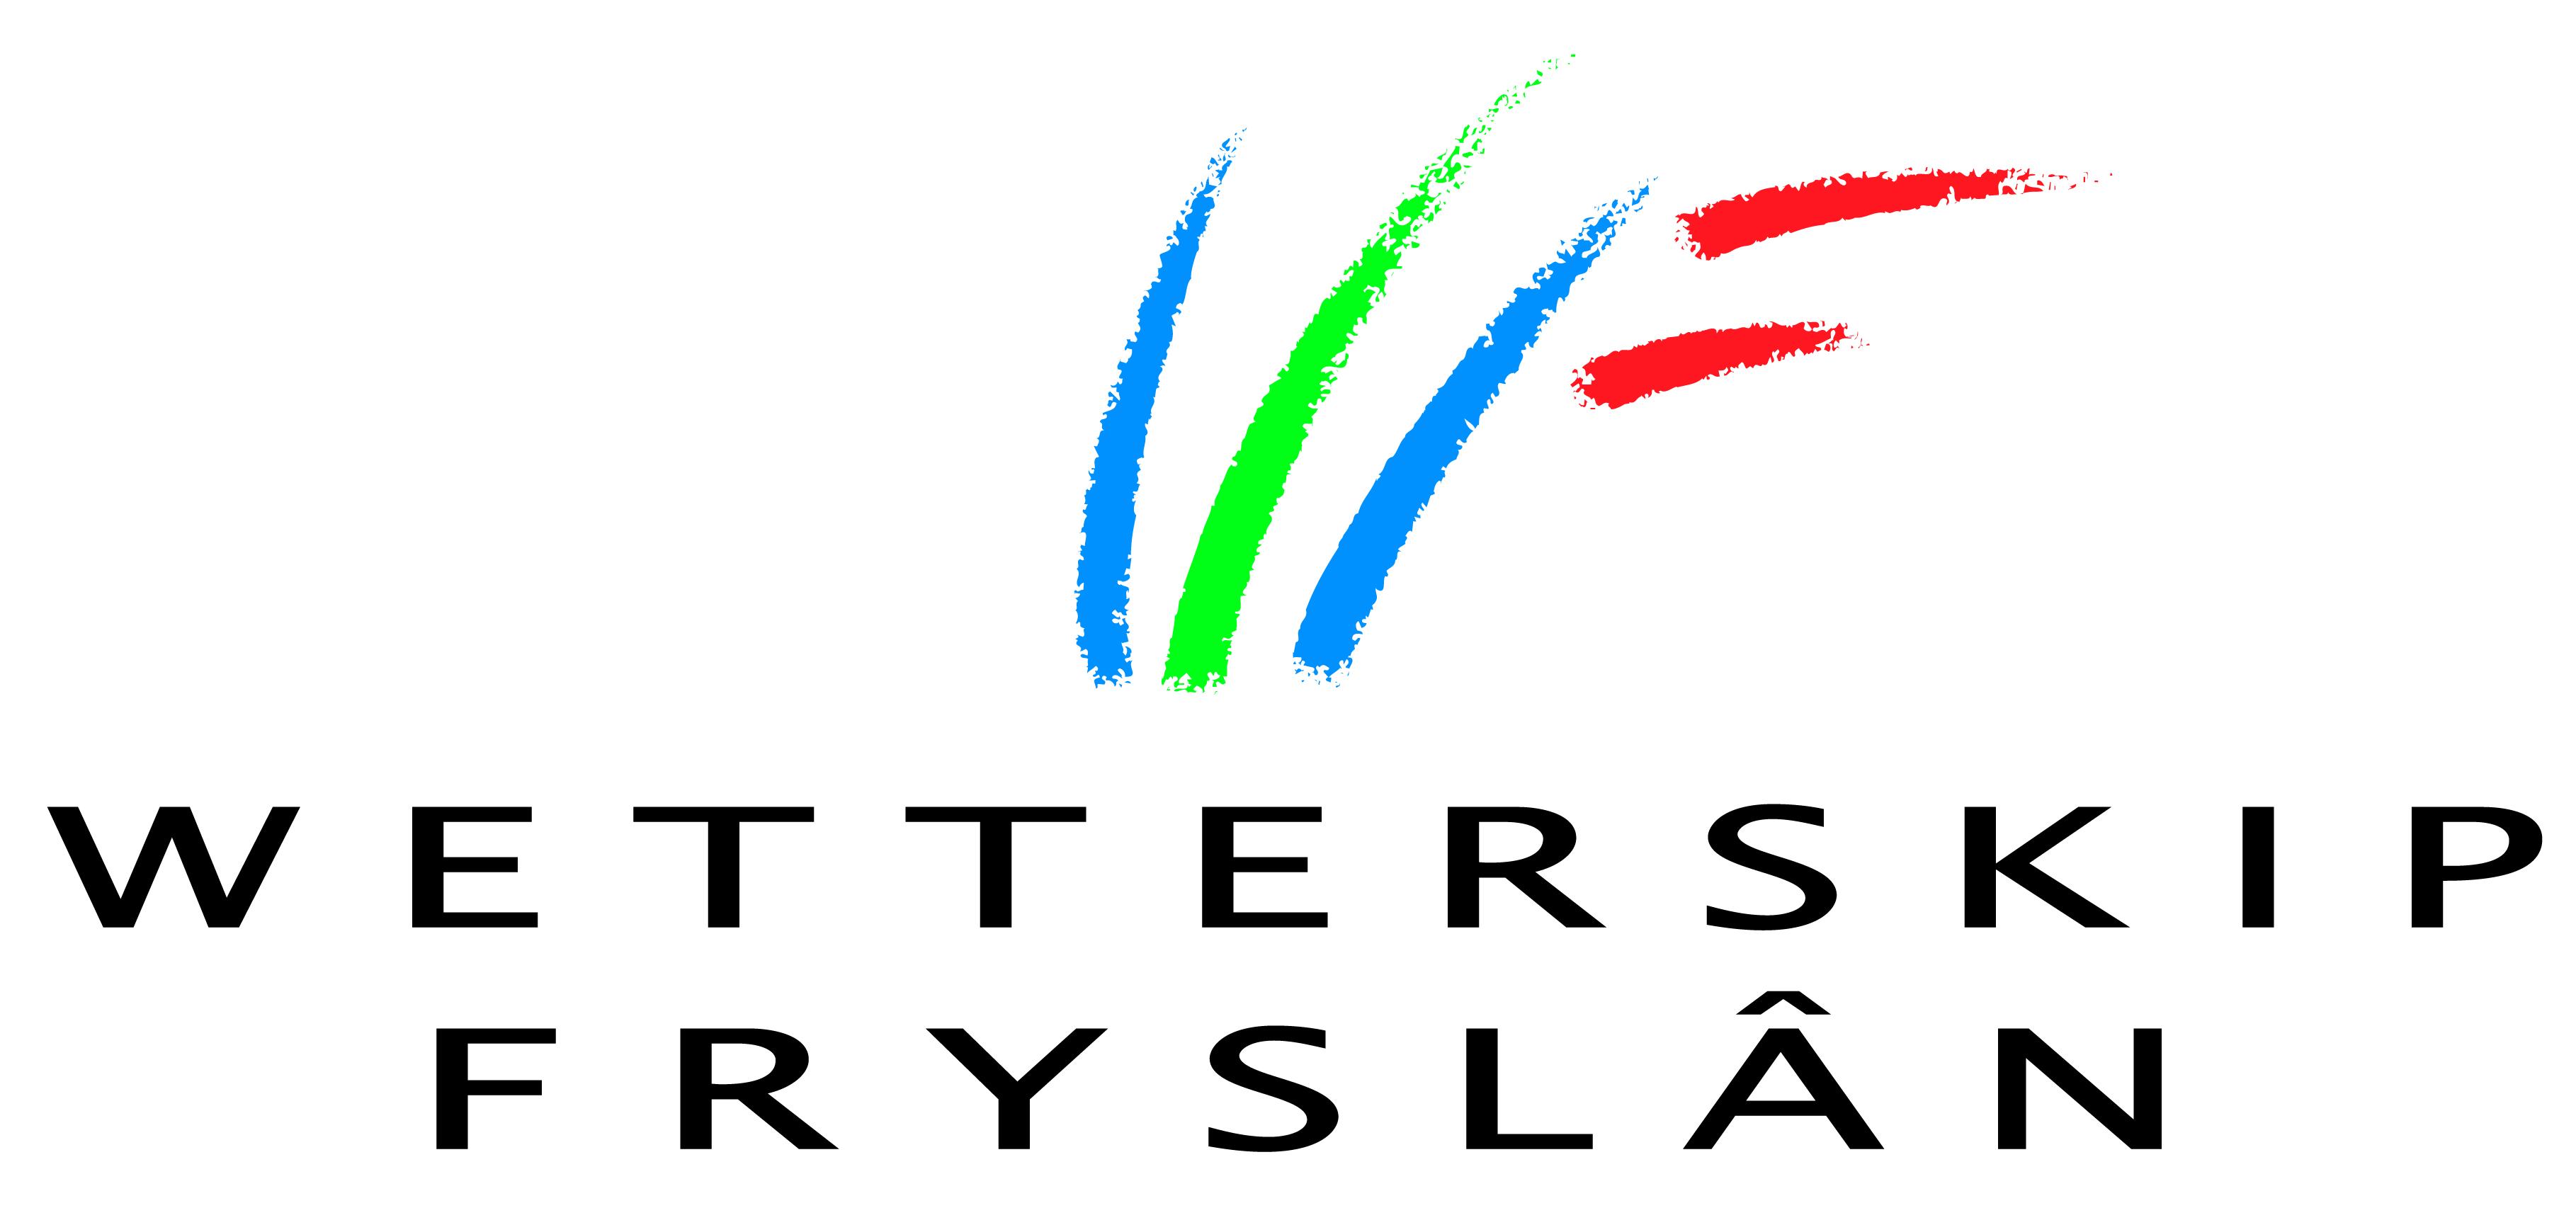 partoer_wetterskip_fryslan_logo.jpg